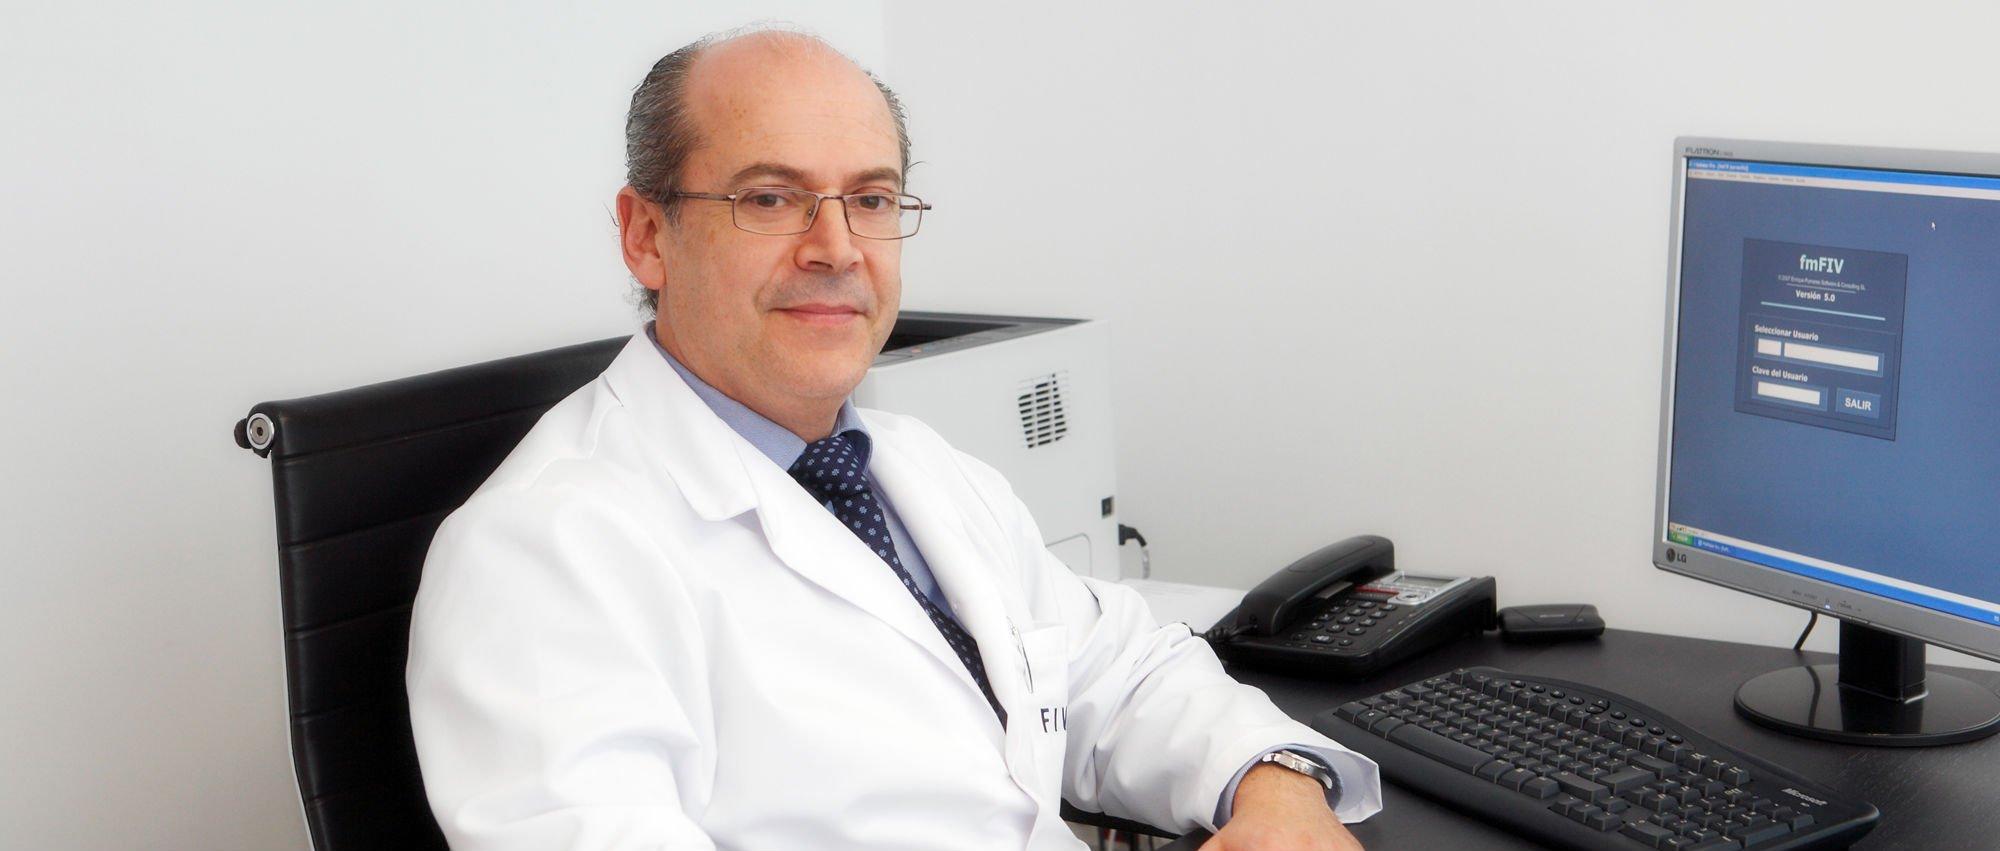 Fecondazione in vitro o ICSI: Qual è meglio? Qual è la differenza?